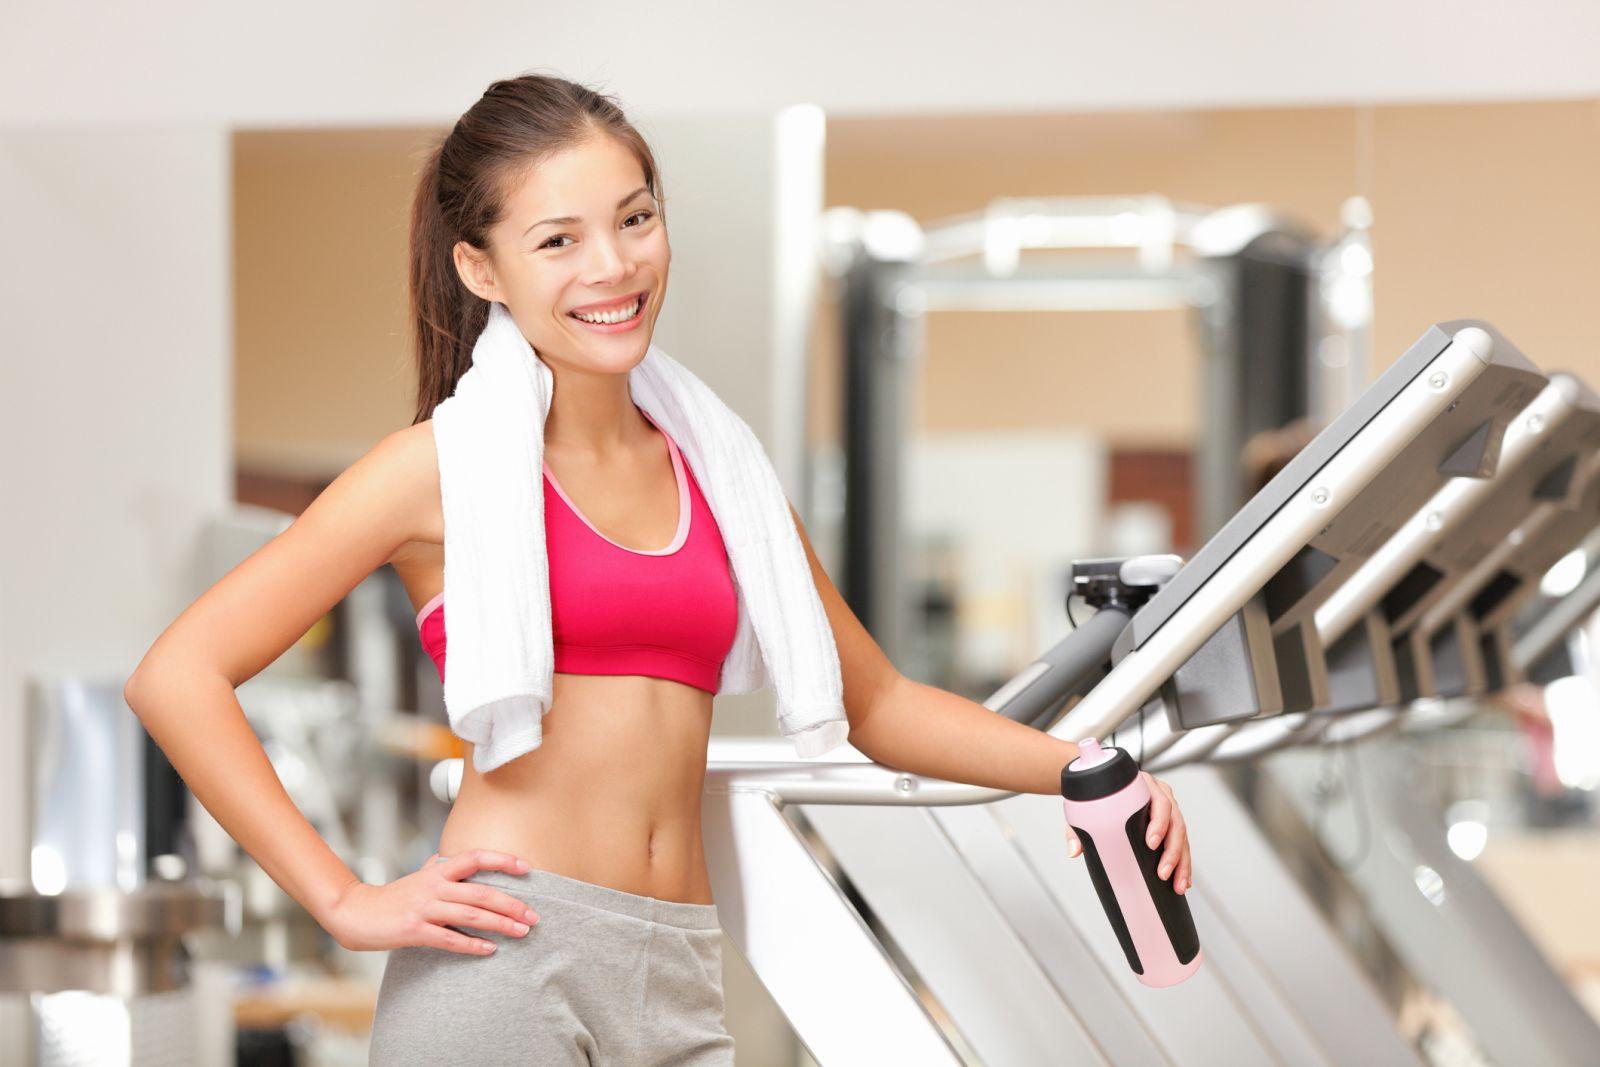 Việc vận động giúp bạn đẩy lùi bệnh tiểu đường